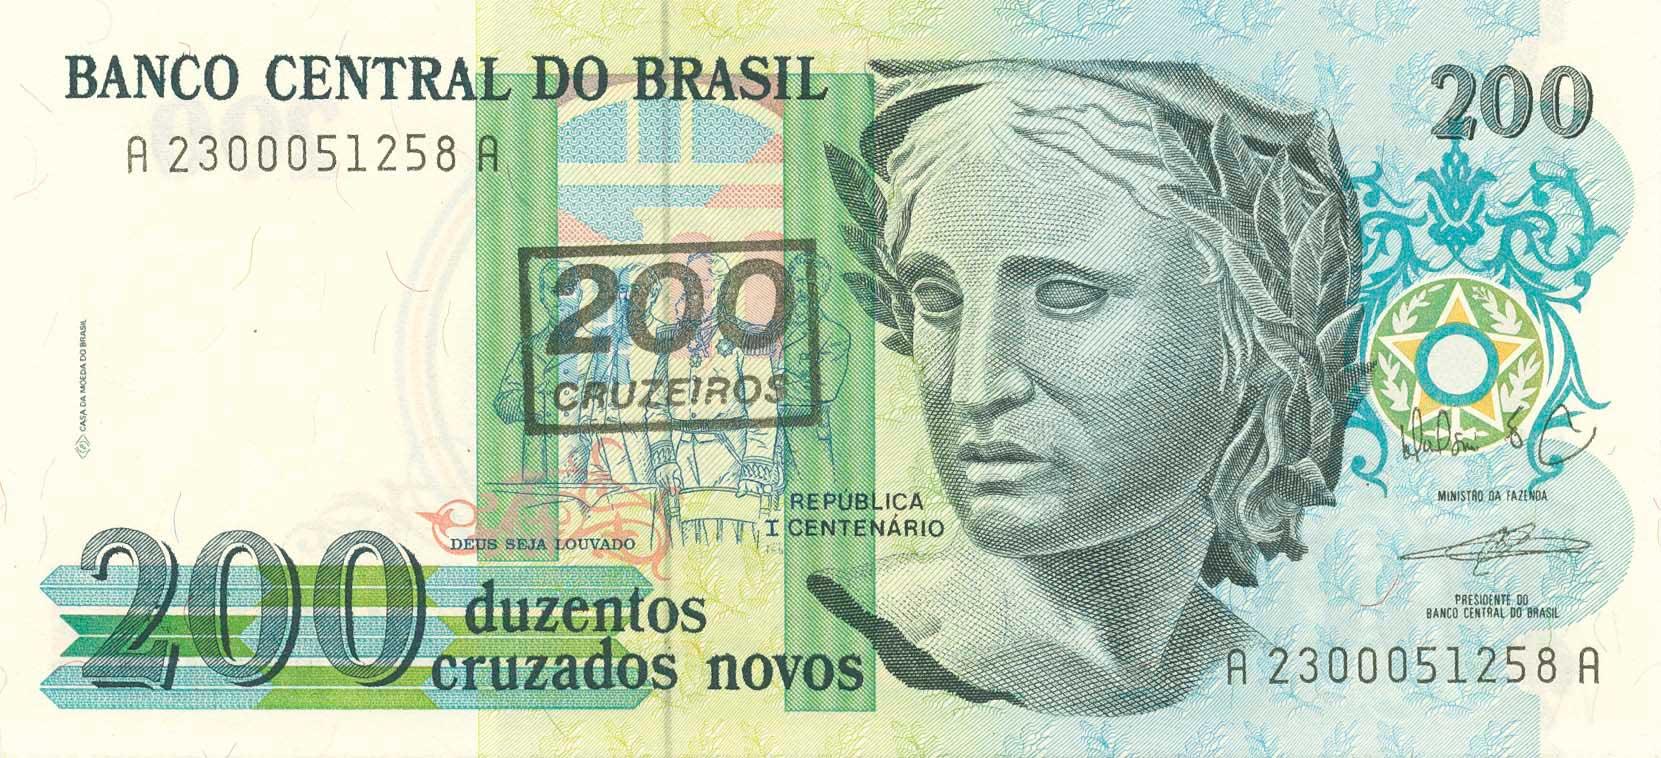 BRA-0225b-a